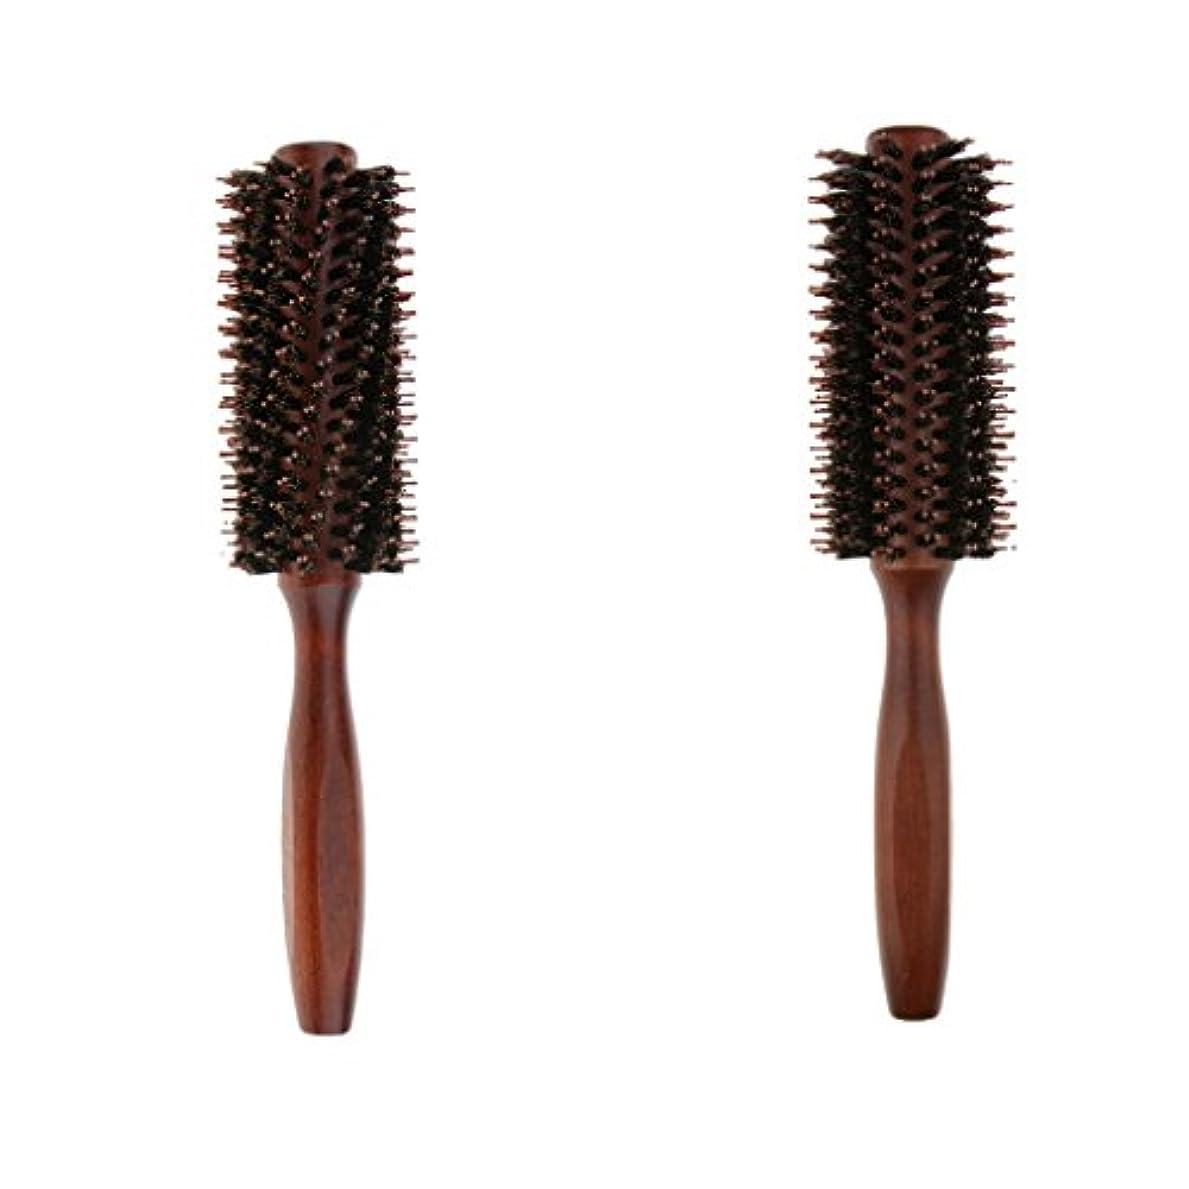 マナーケージウッズ2個 ロールブラシ ヘアブラシ ヘアカラーリング用 木製櫛 静電気防止 耐熱コーム 巻き髪